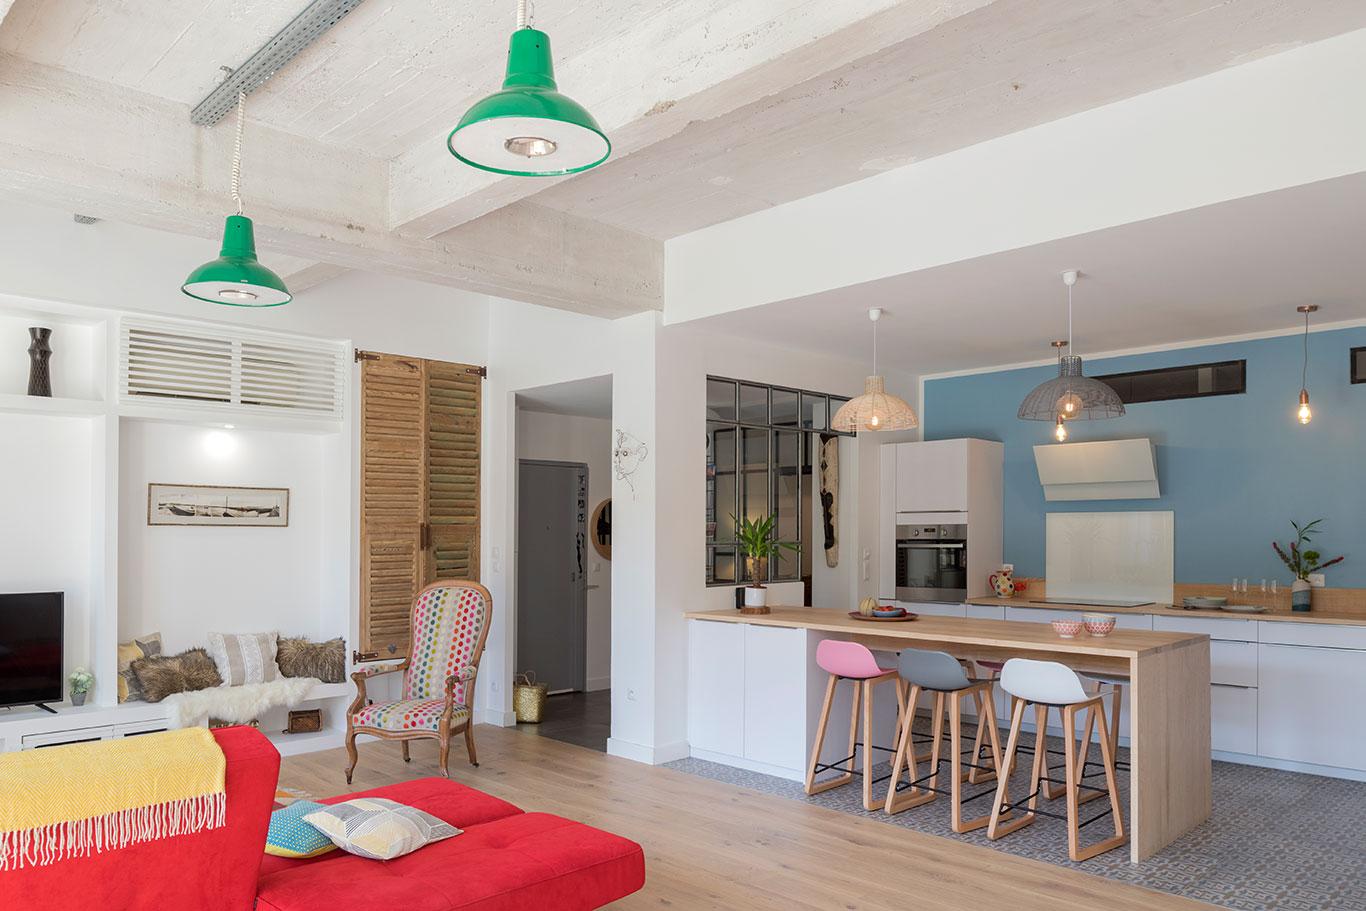 Apres-salon-cuisine-moderne-authentique-industriel-bobochic